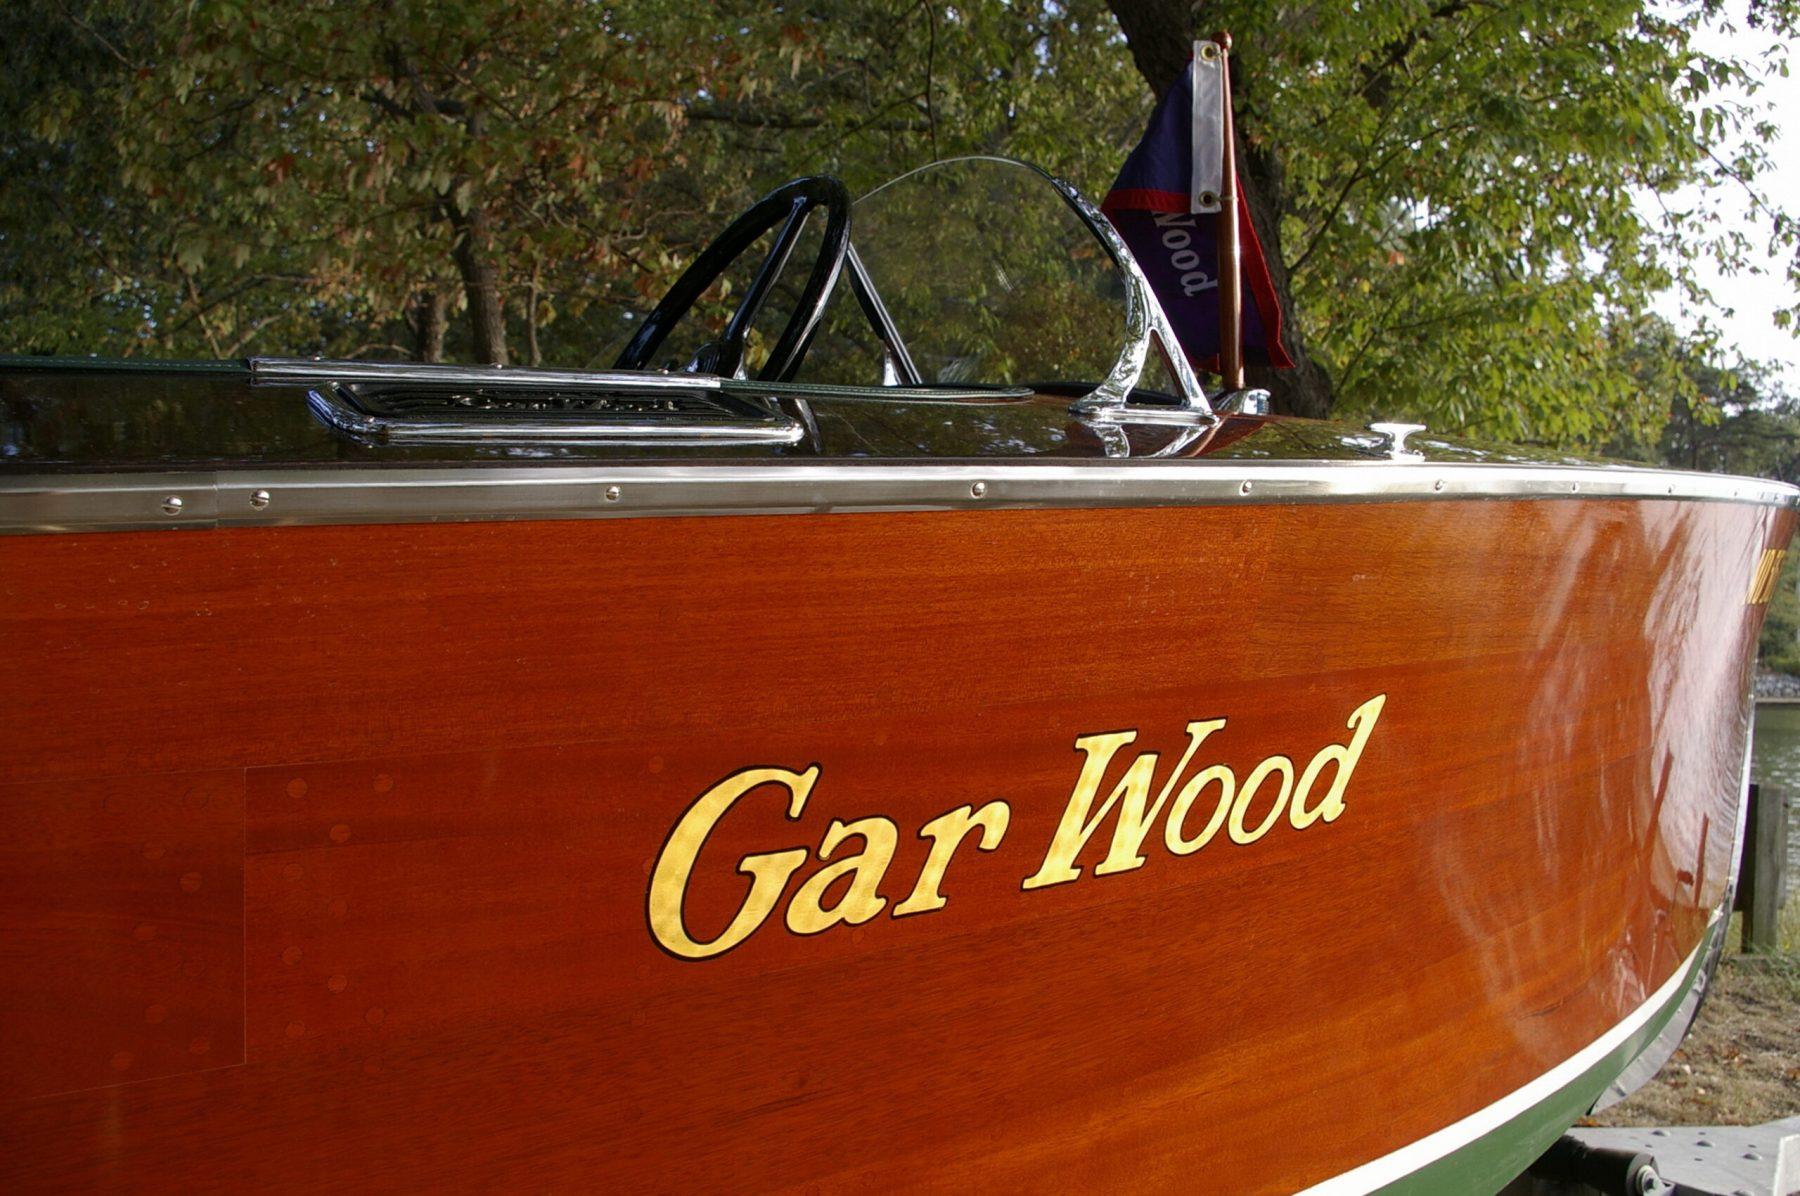 Gar-Wood-scaled